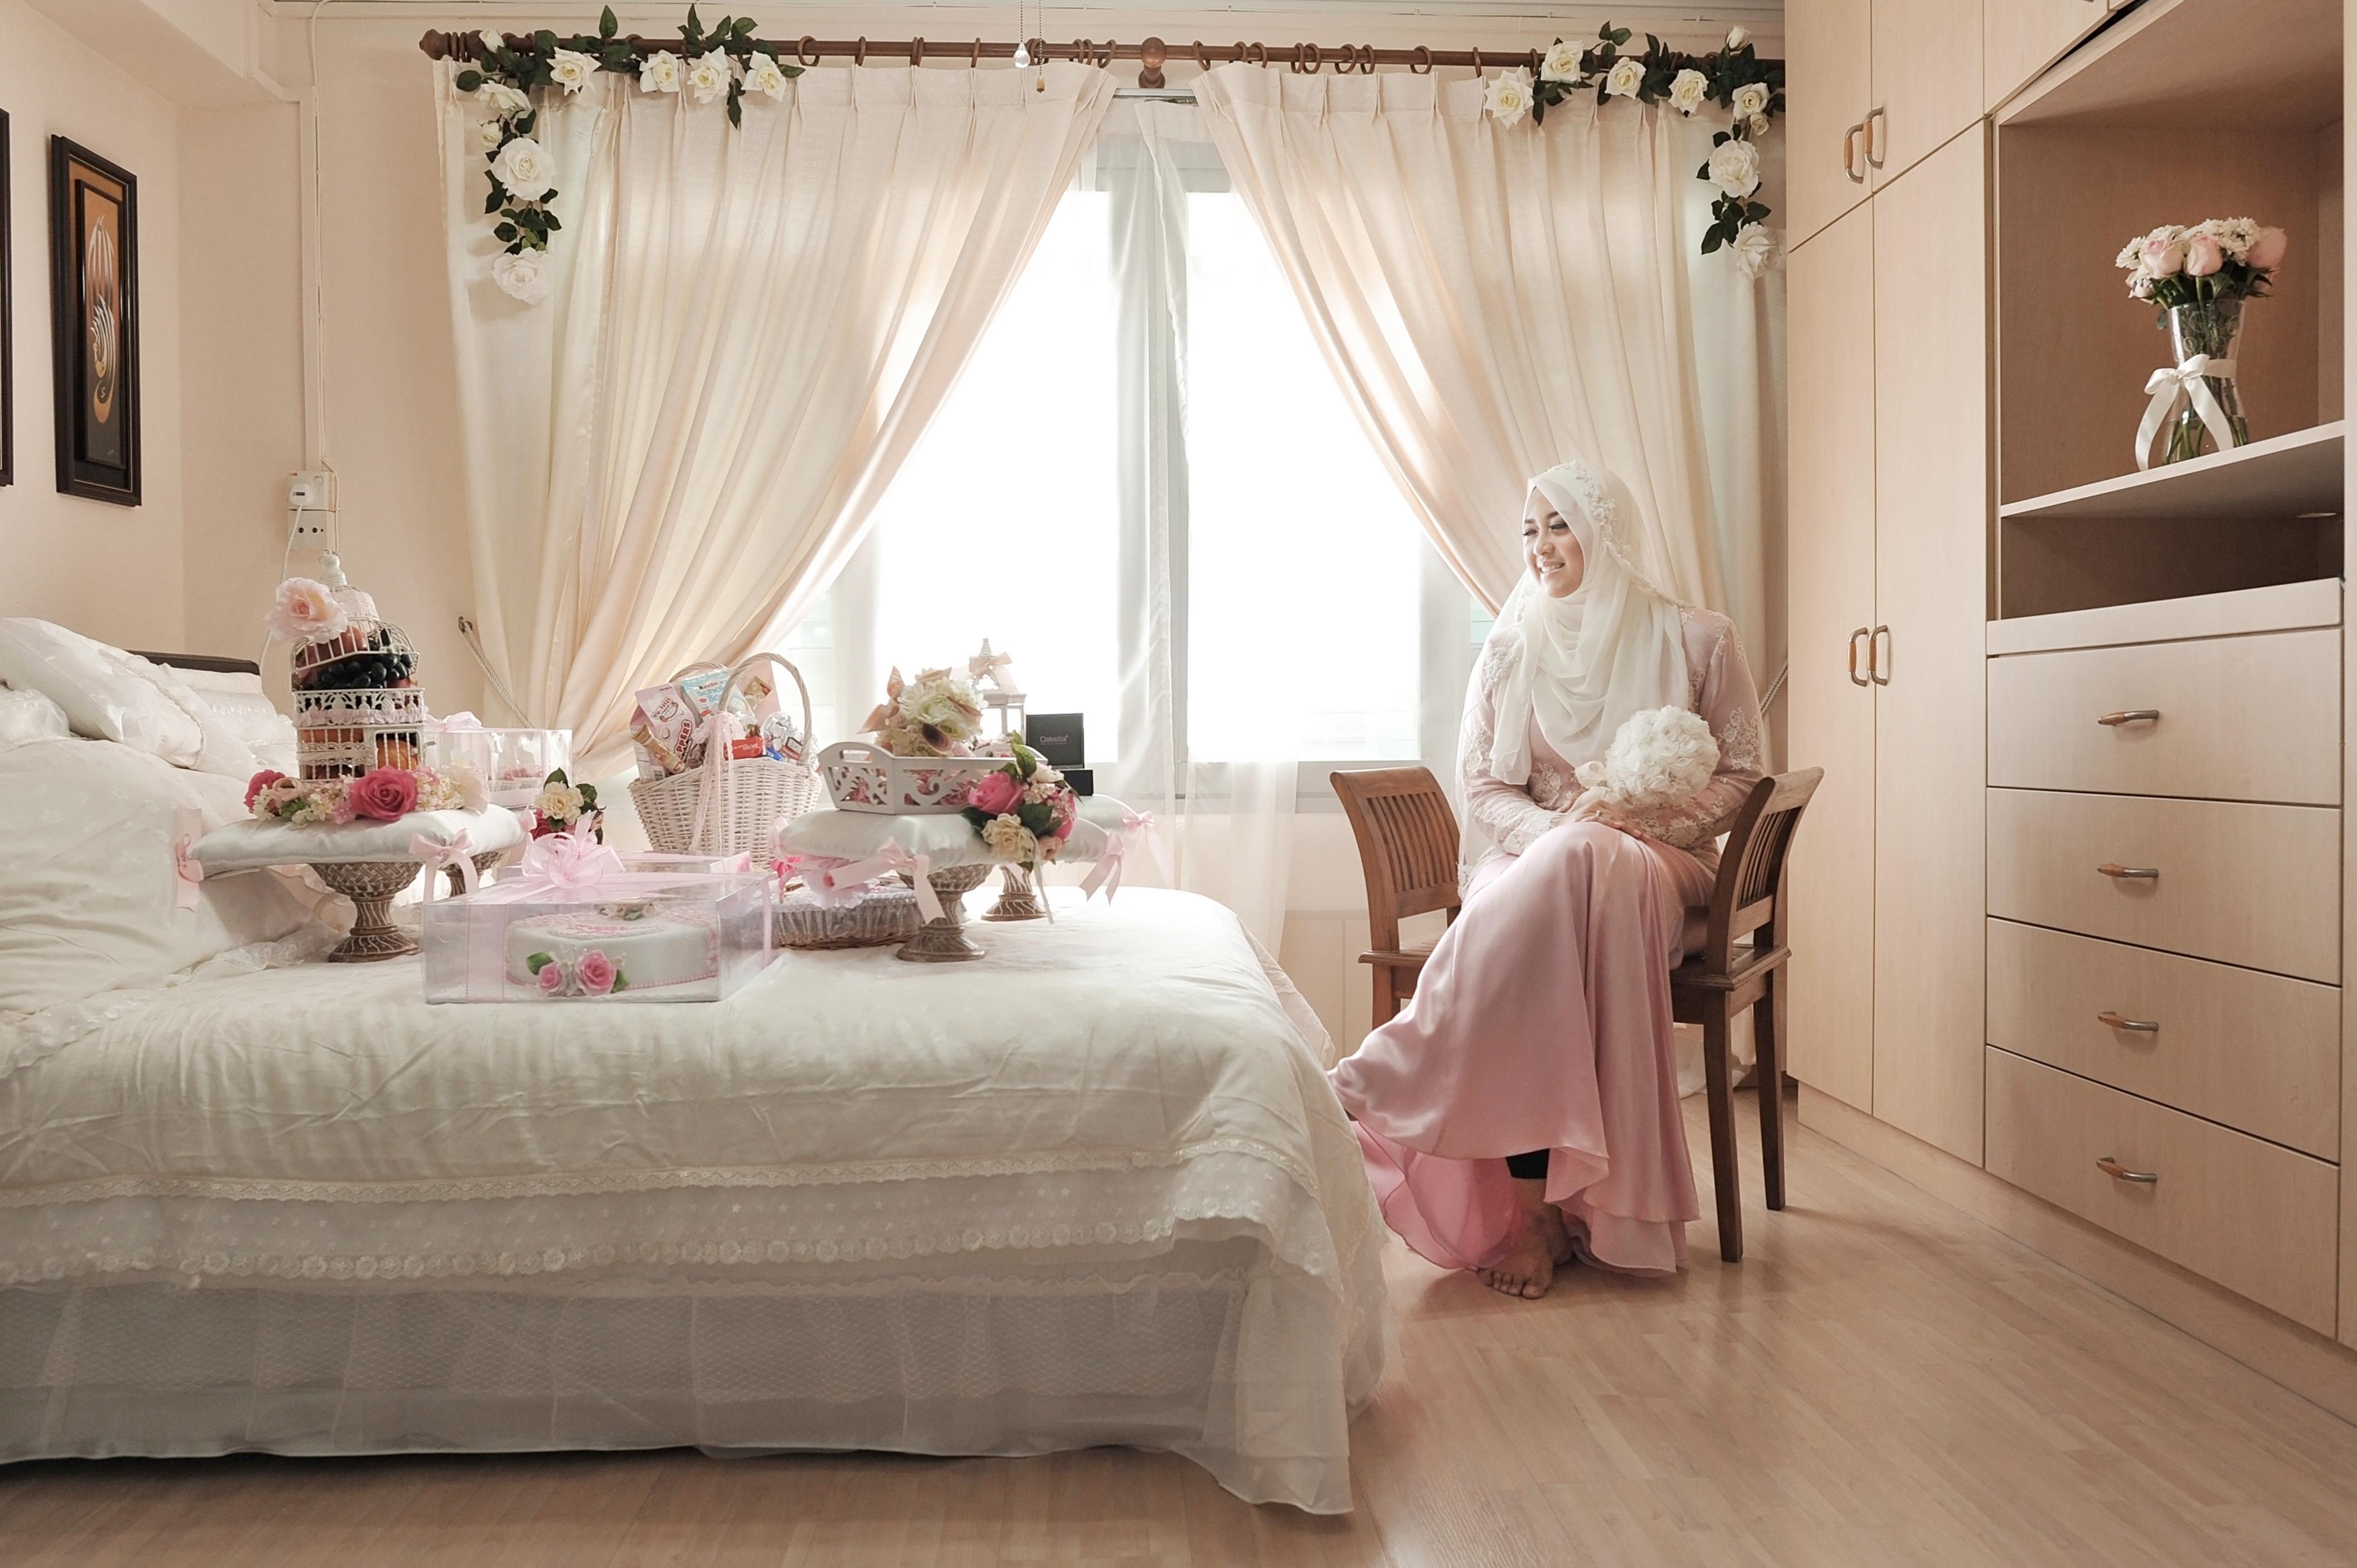 عکس مدل تزیین اتاق خواب عروس شیک با وسایل ساده